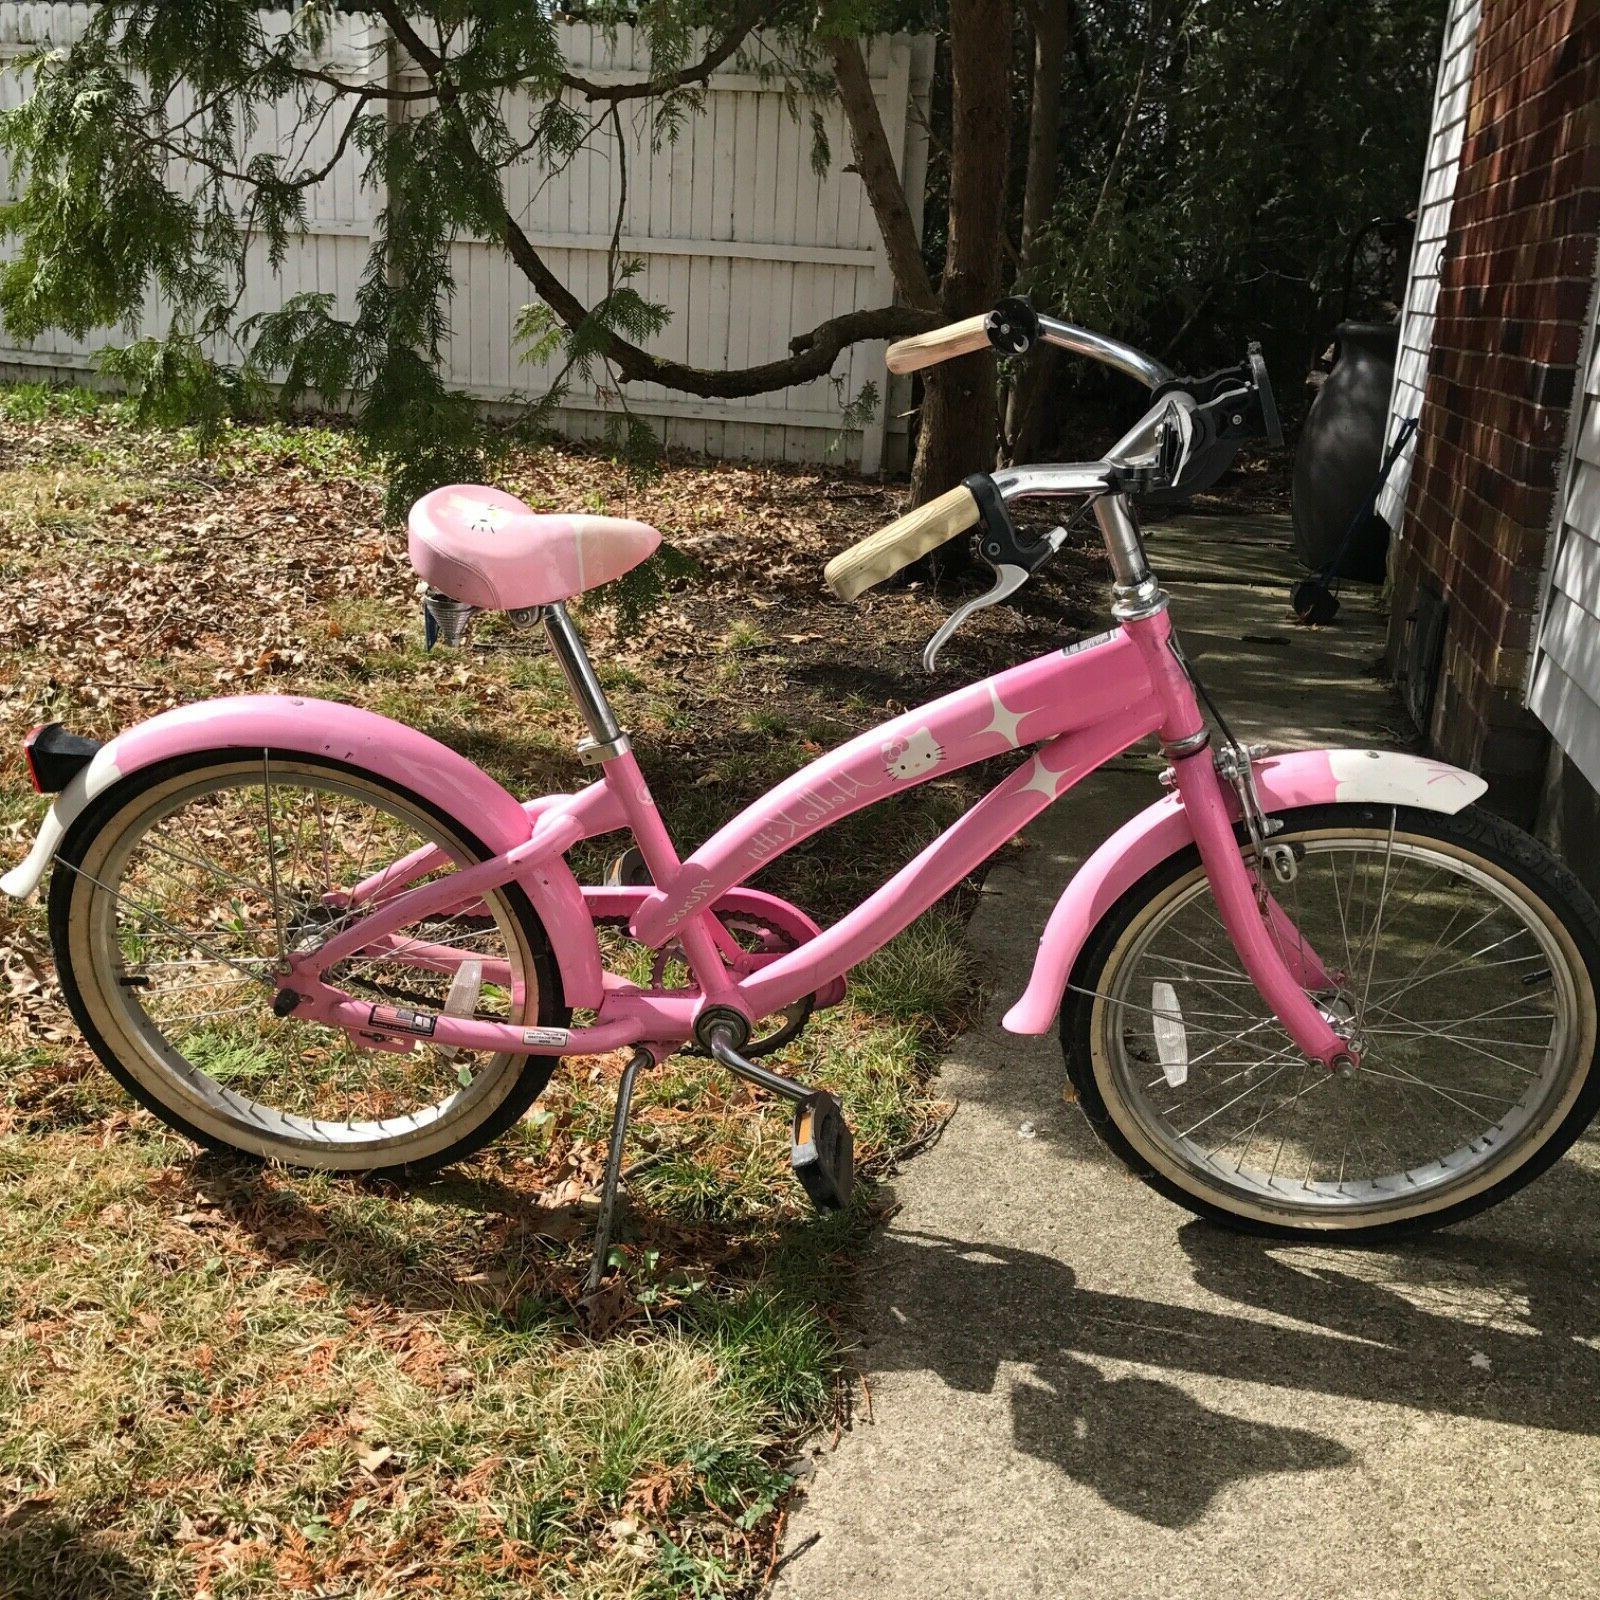 girls nirve 20 pink 1 speed cruiser